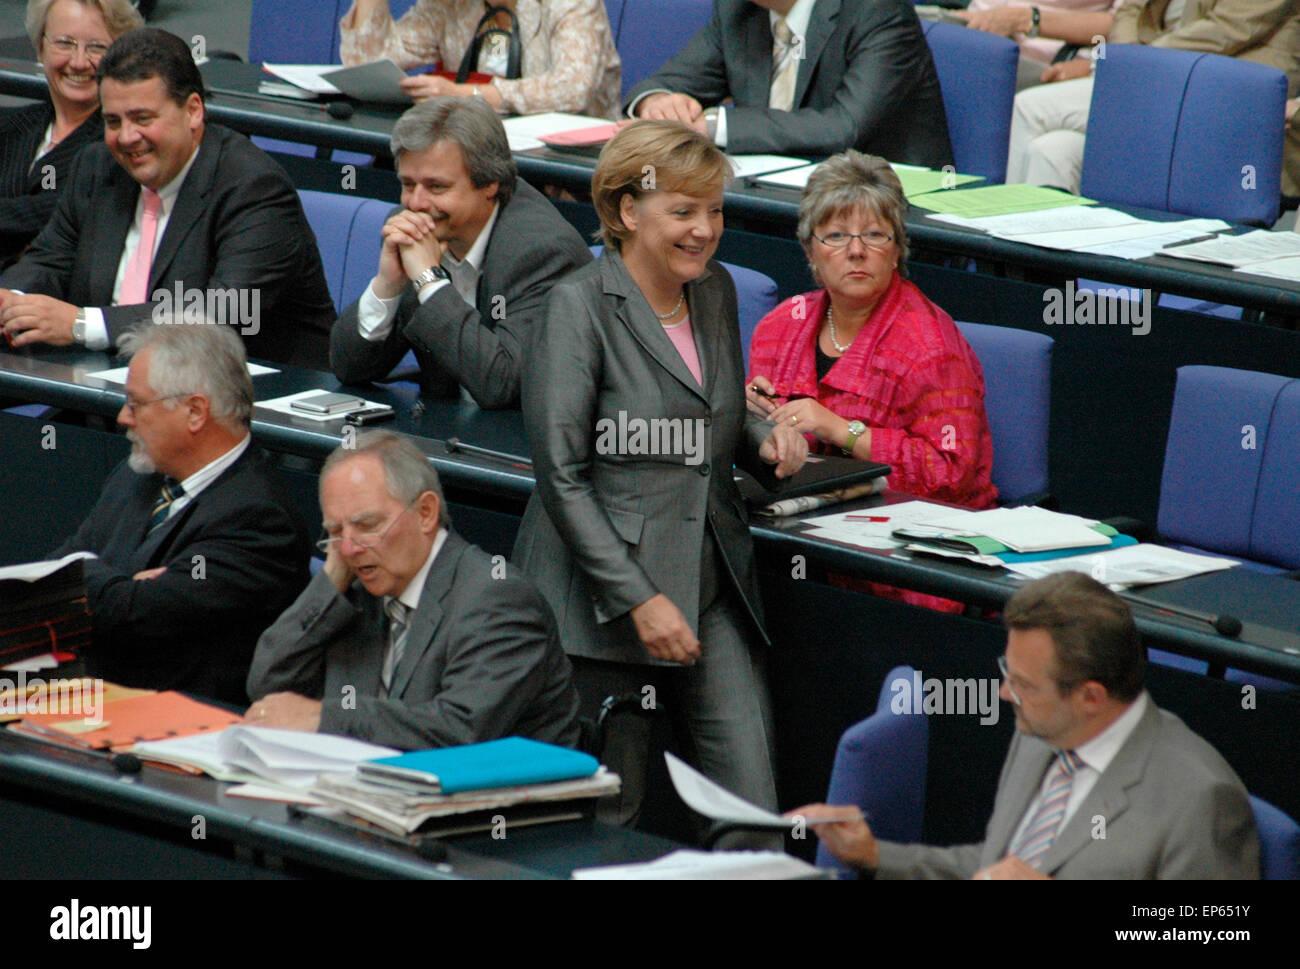 Bundeskanzlerin Angela Merkel auf dem Weg durch die Regierungsbank u.a.  mit Sigmar Gabriel und Wolfgang Schaeuble  - Sitzung im Bundestag am 29. Juni 2006, Reichstagsgebaeude, Berlin-Tiergarten. Stock Photo